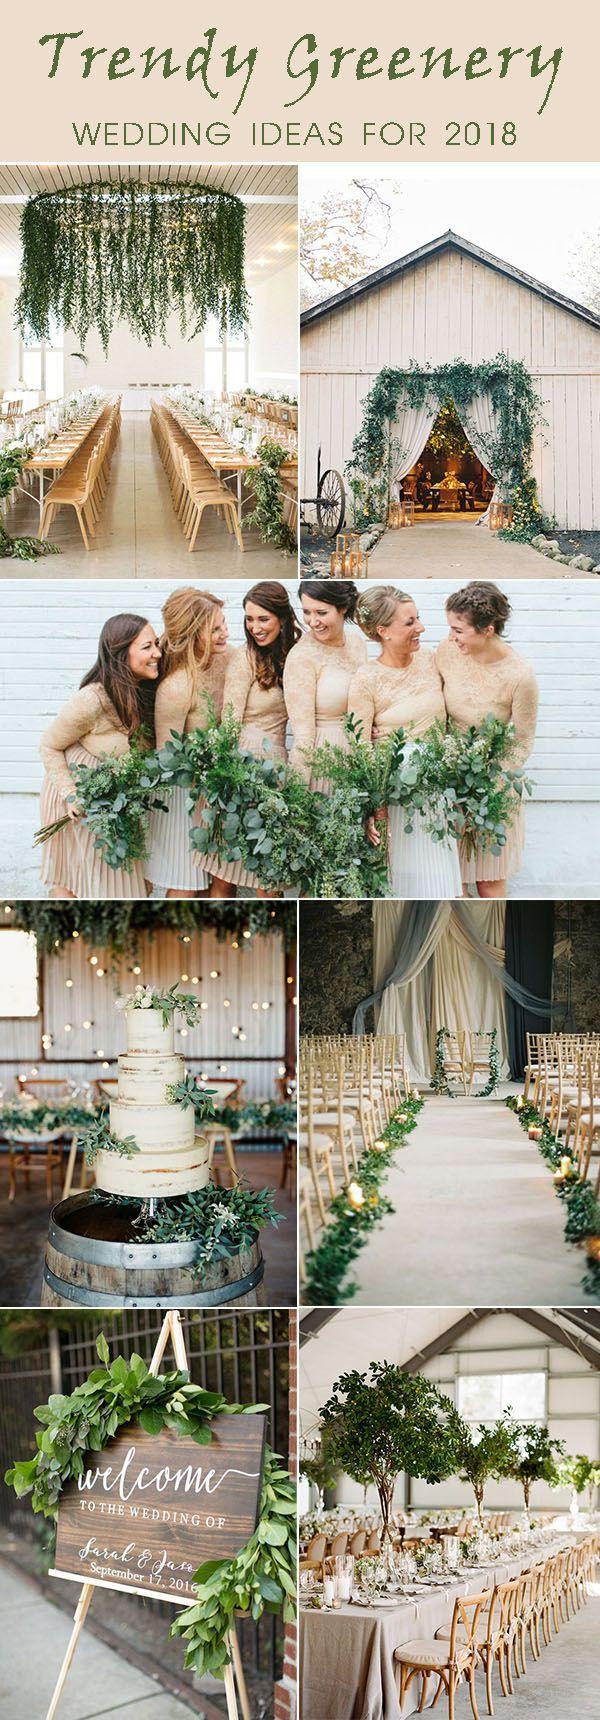 Fall wedding decor 2018  Trendy Greenery Wedding Ideas for  Brides